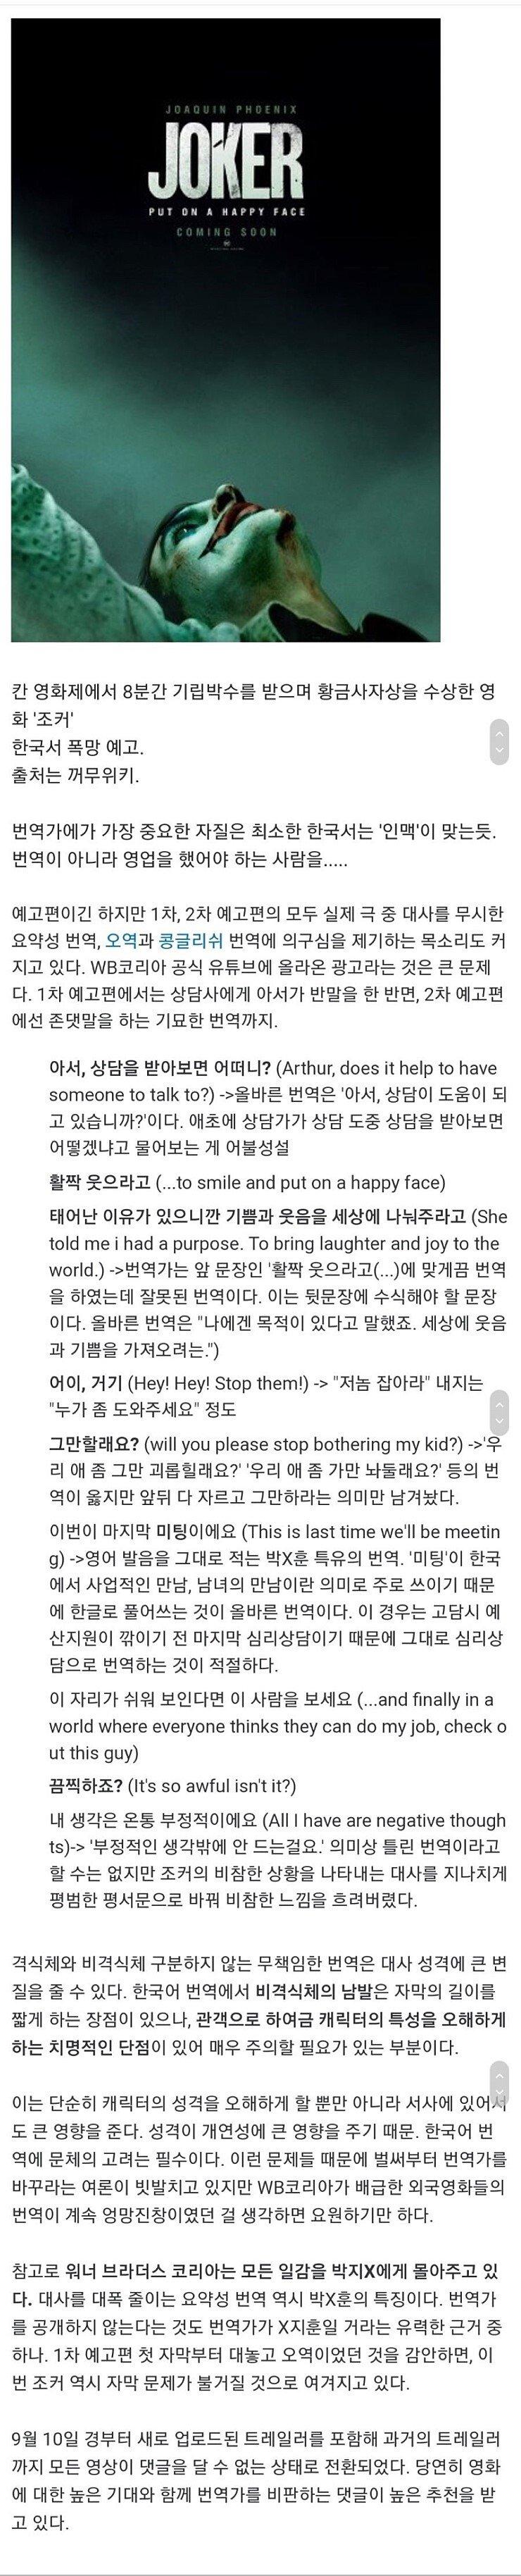 """aaa.jpg 영화 """"조커"""" 번역가 박지훈, 사실상 확정"""